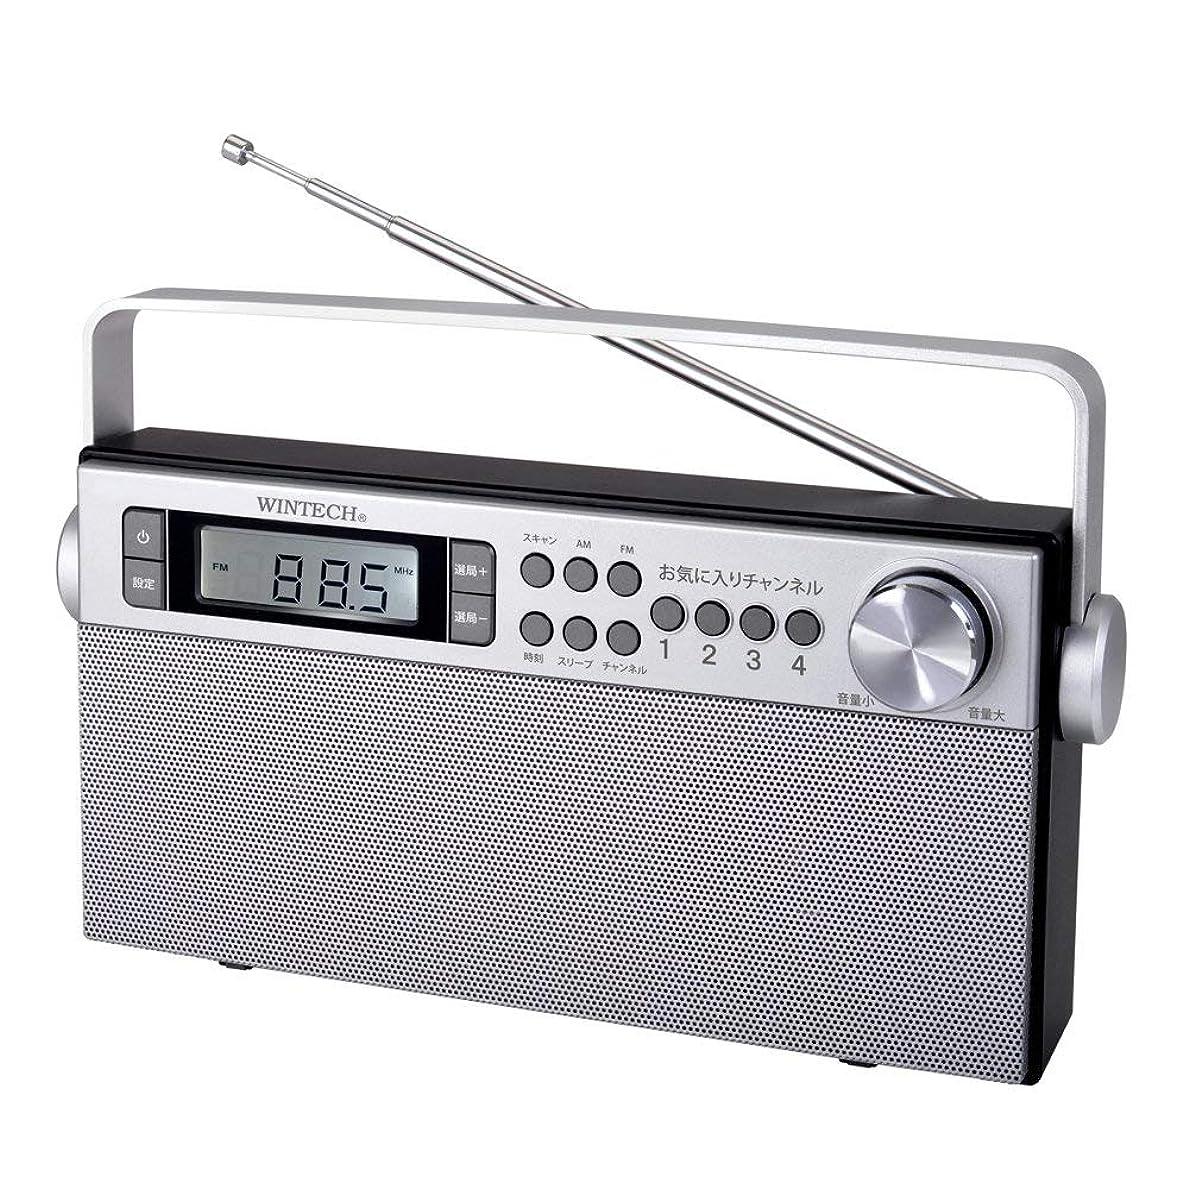 請求高音信頼性WINTECH FM/AM ポータブルラジオ ステレオ対応 KOH-S300 ラジオプリセット お好み選局ボタン スリープタイマー搭載 シルバー W247xD54xH157mm